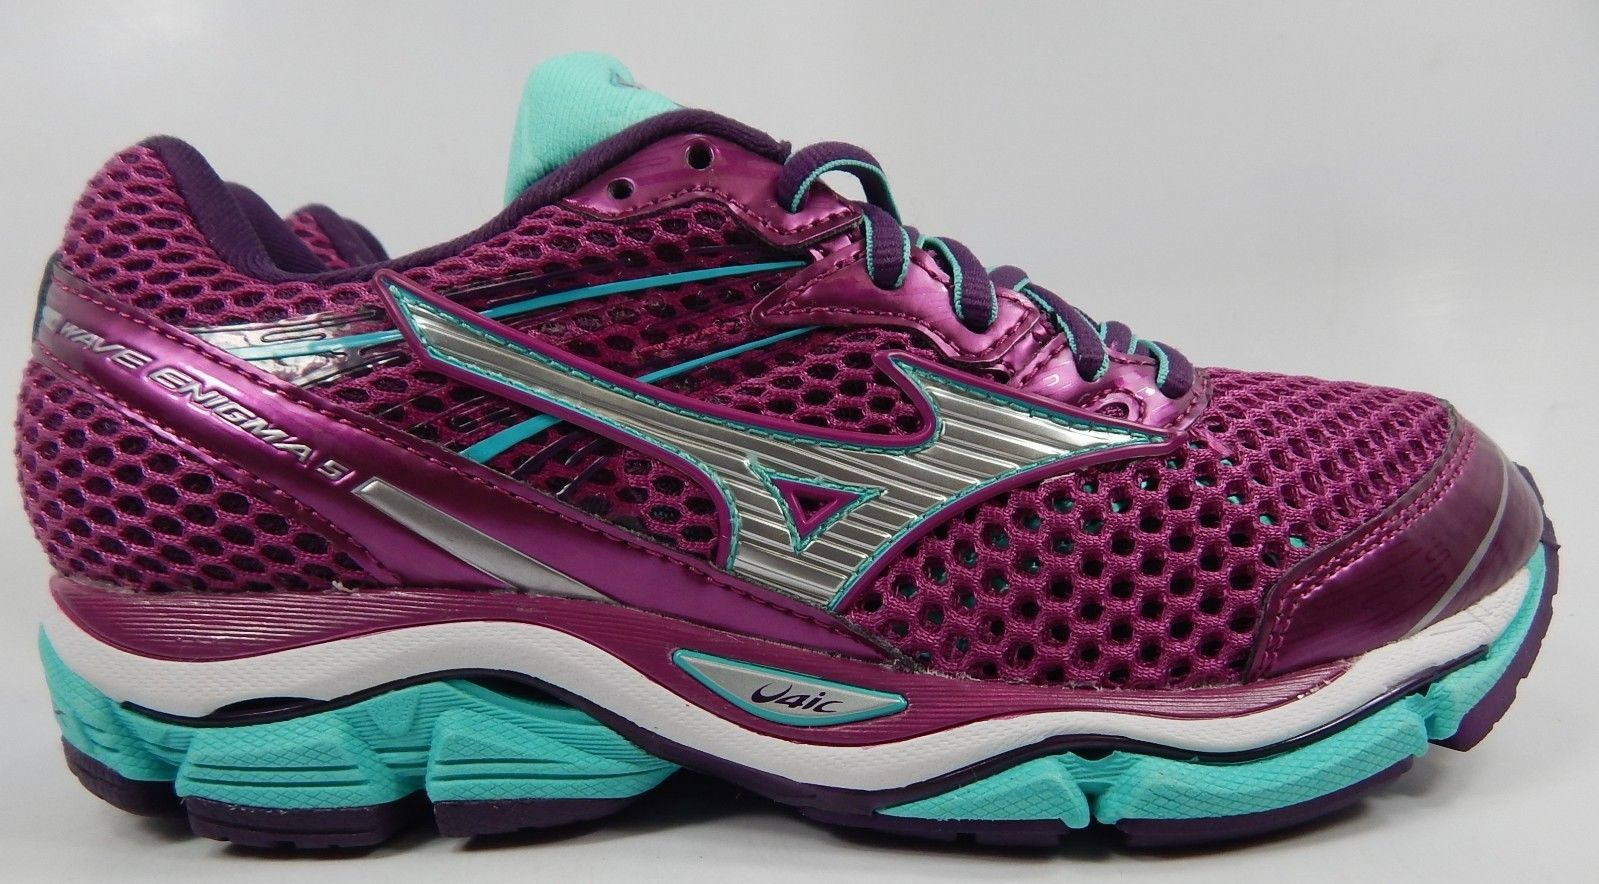 Mizuno Wave Enigma 5 Women's Running Shoes Size US 6 M (B) EU 36 Purple Aqua